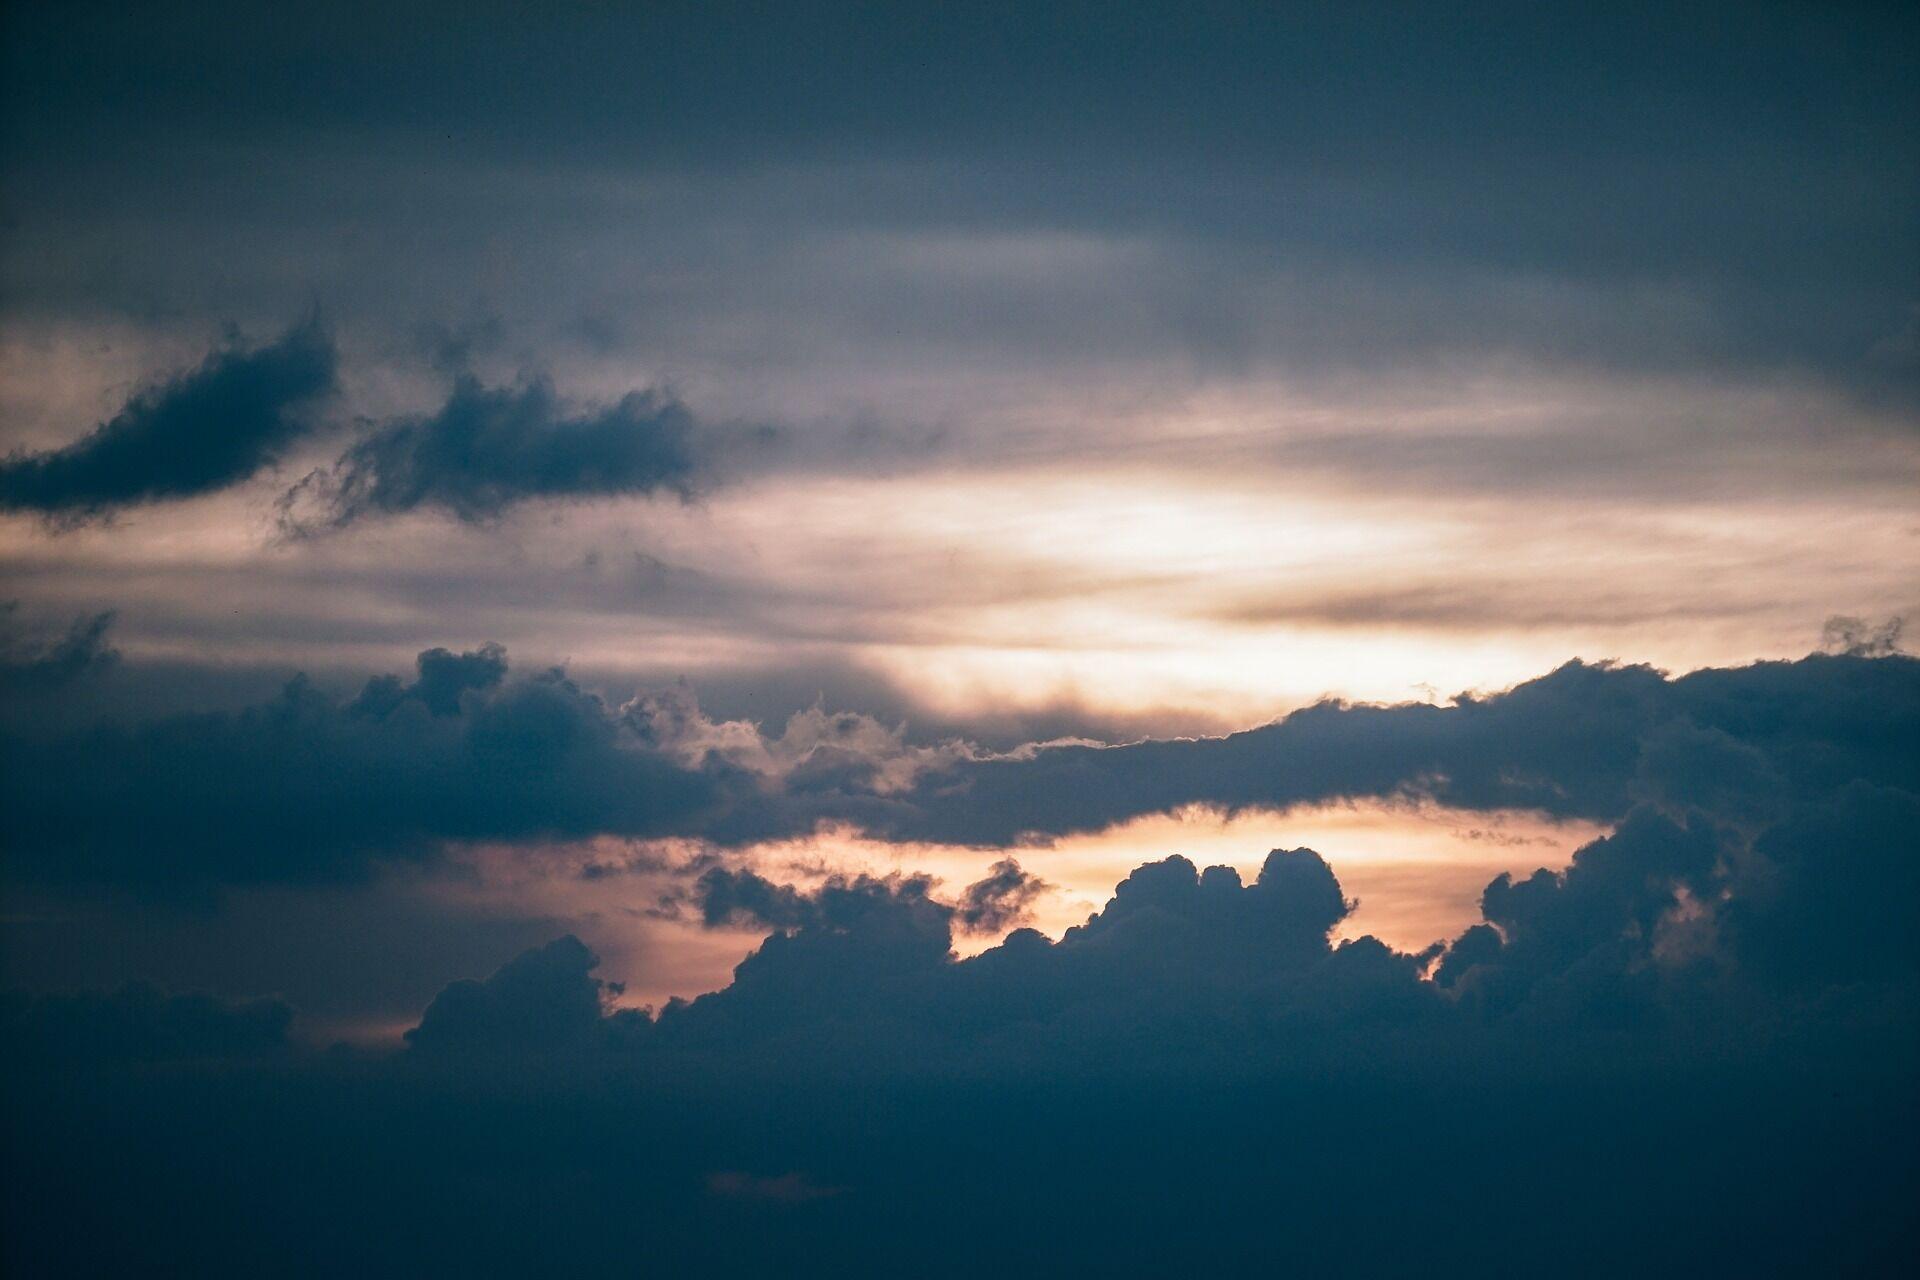 Cloudbackgroud.jpg